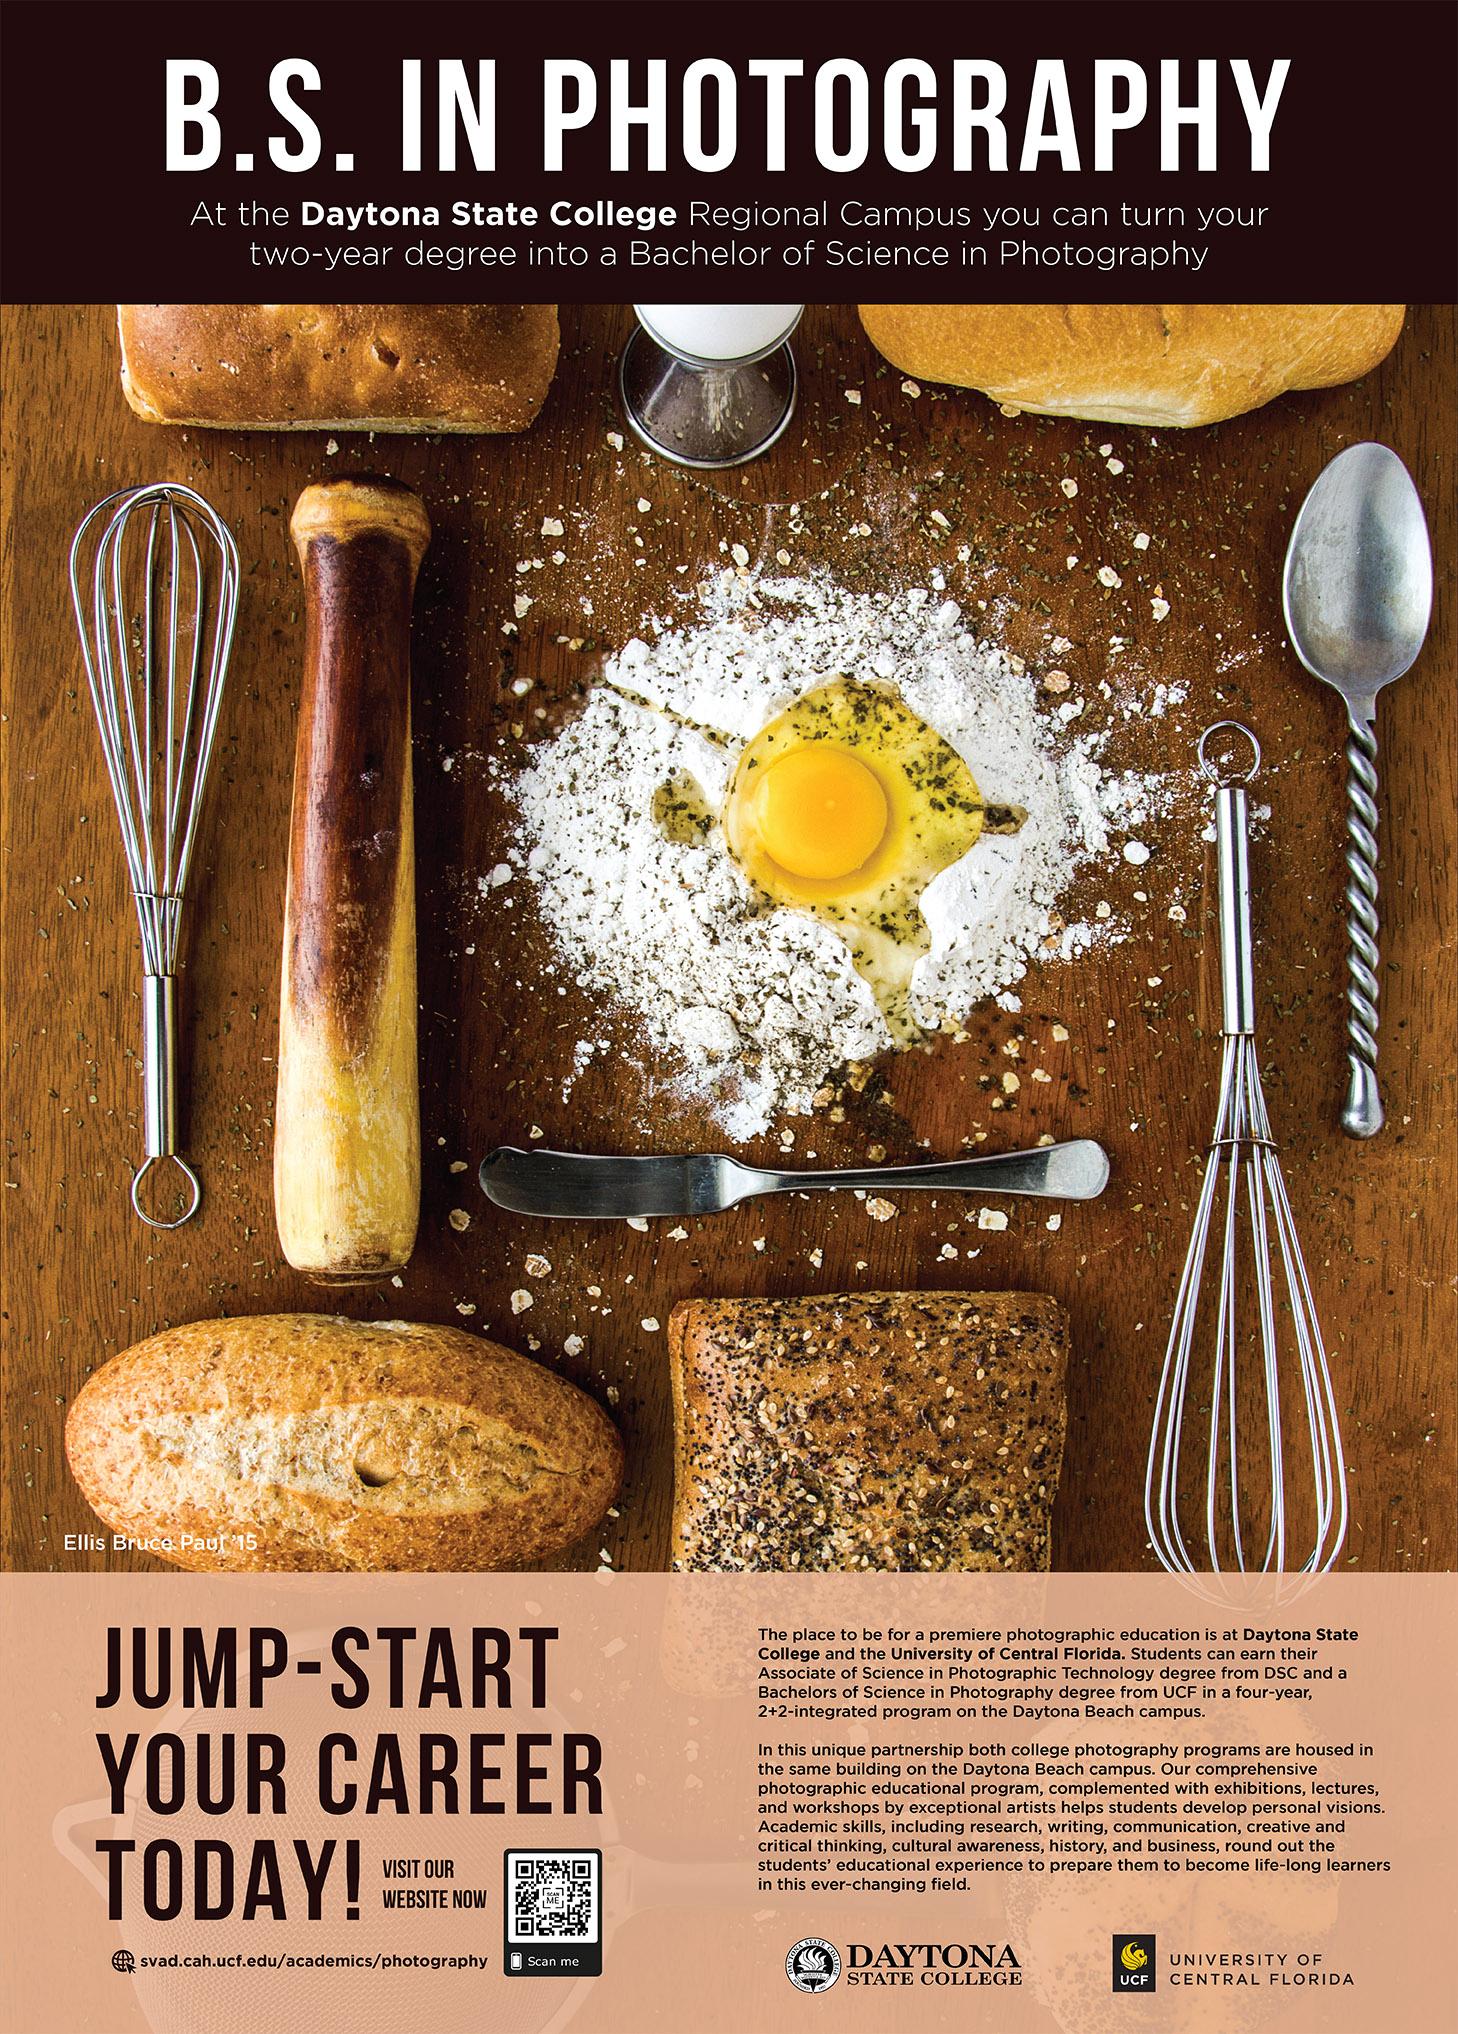 Ellis Gadrim bread.jpg